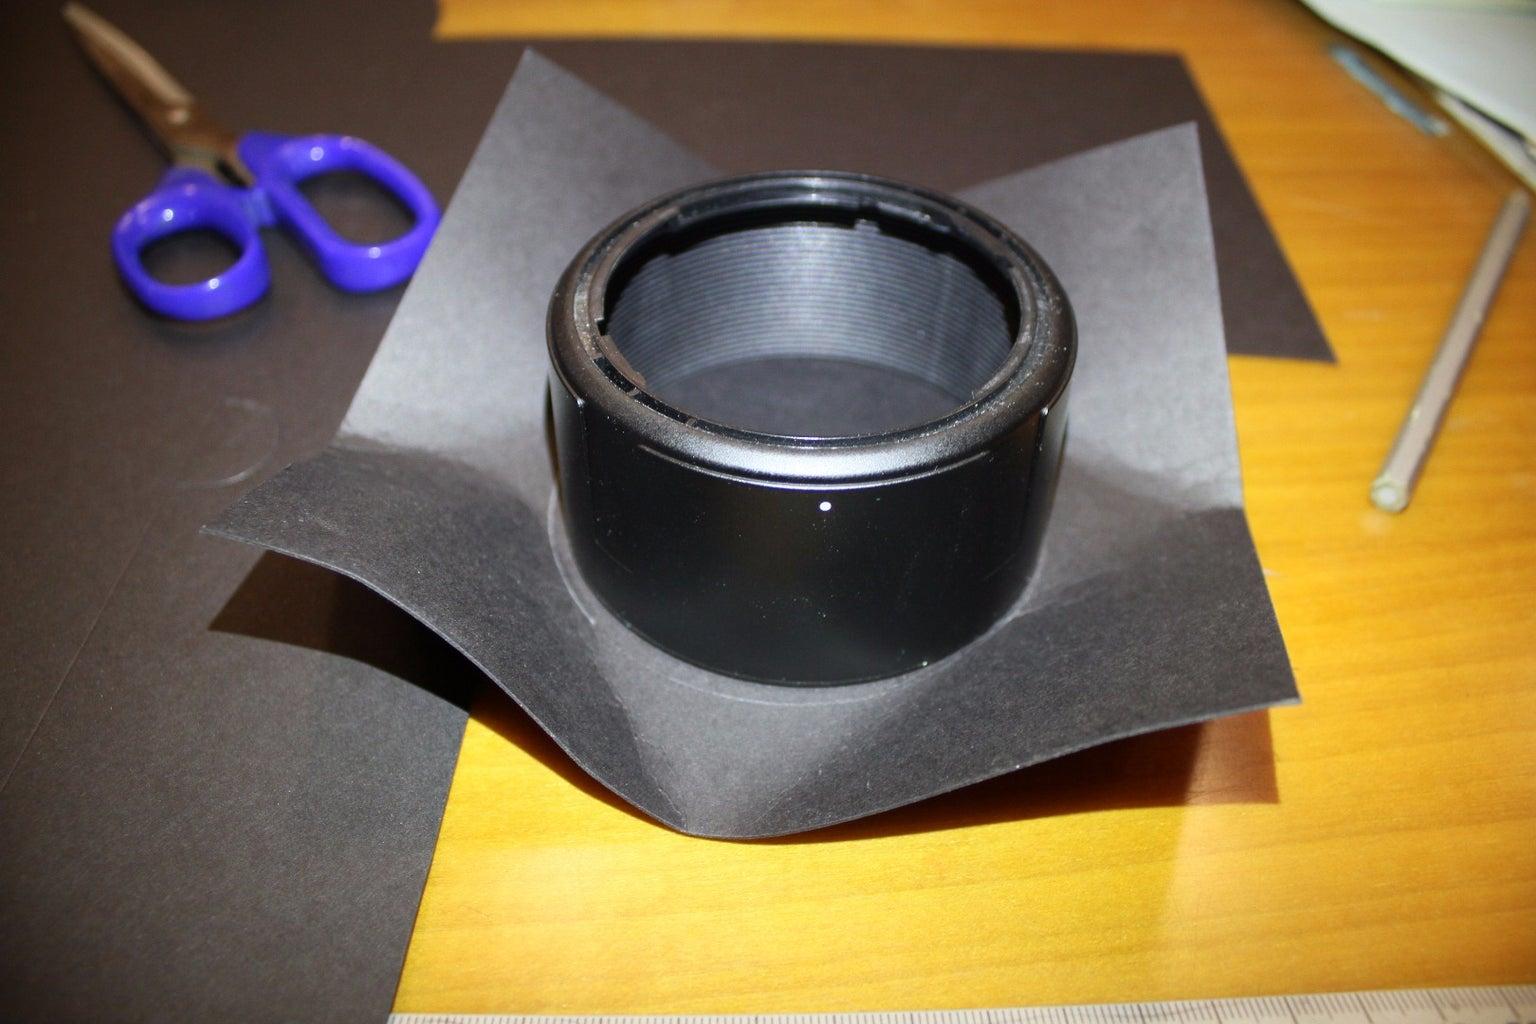 Mount Filter on Your DSLR